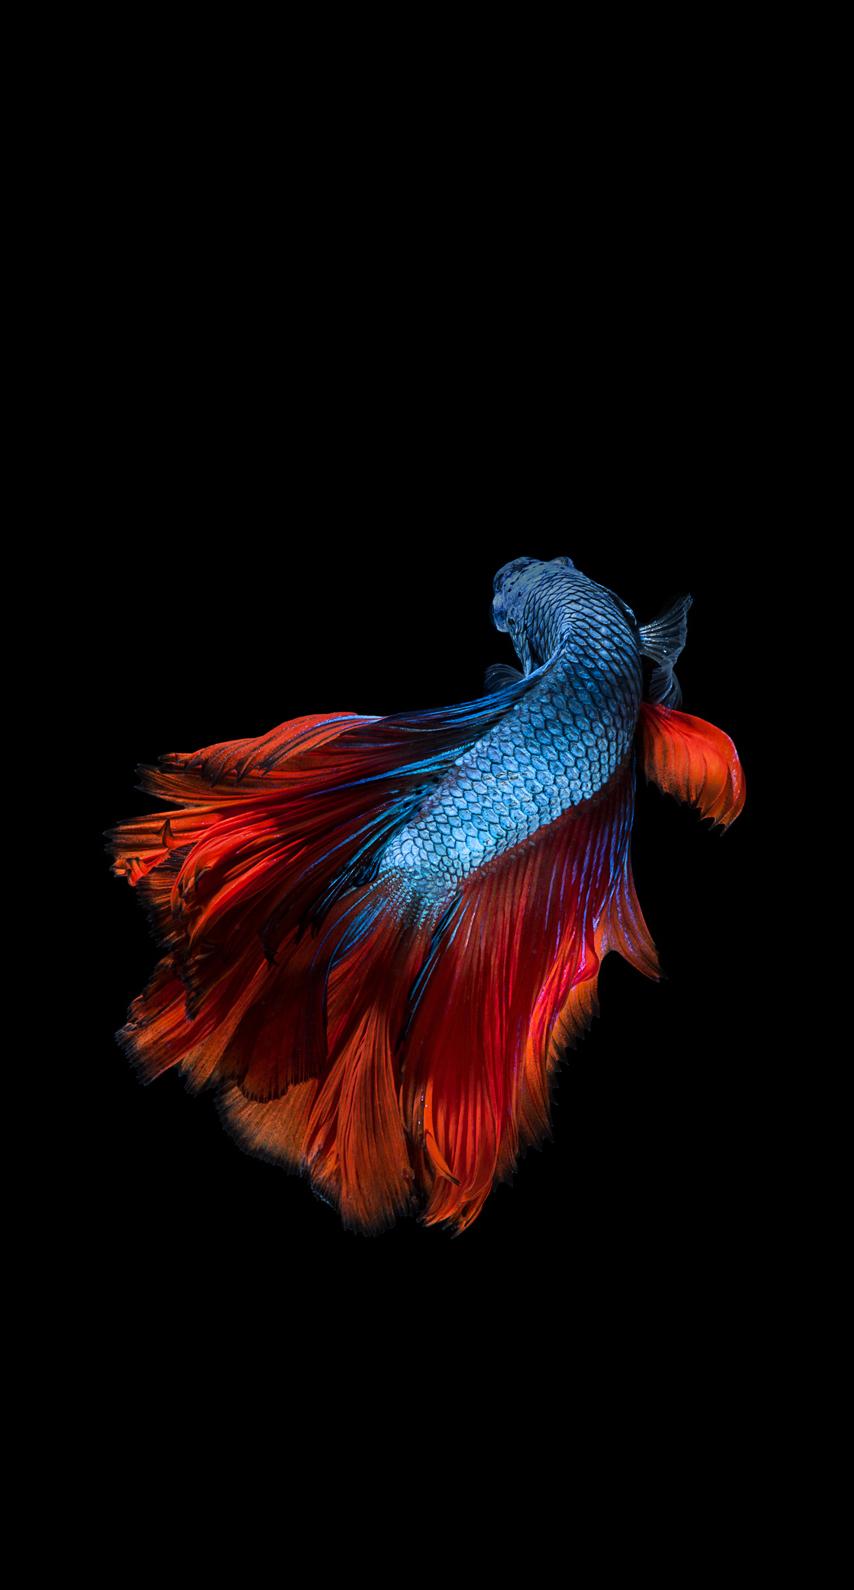 coloring, wildlife, aquarium, parrot, macaw, avian, siamese